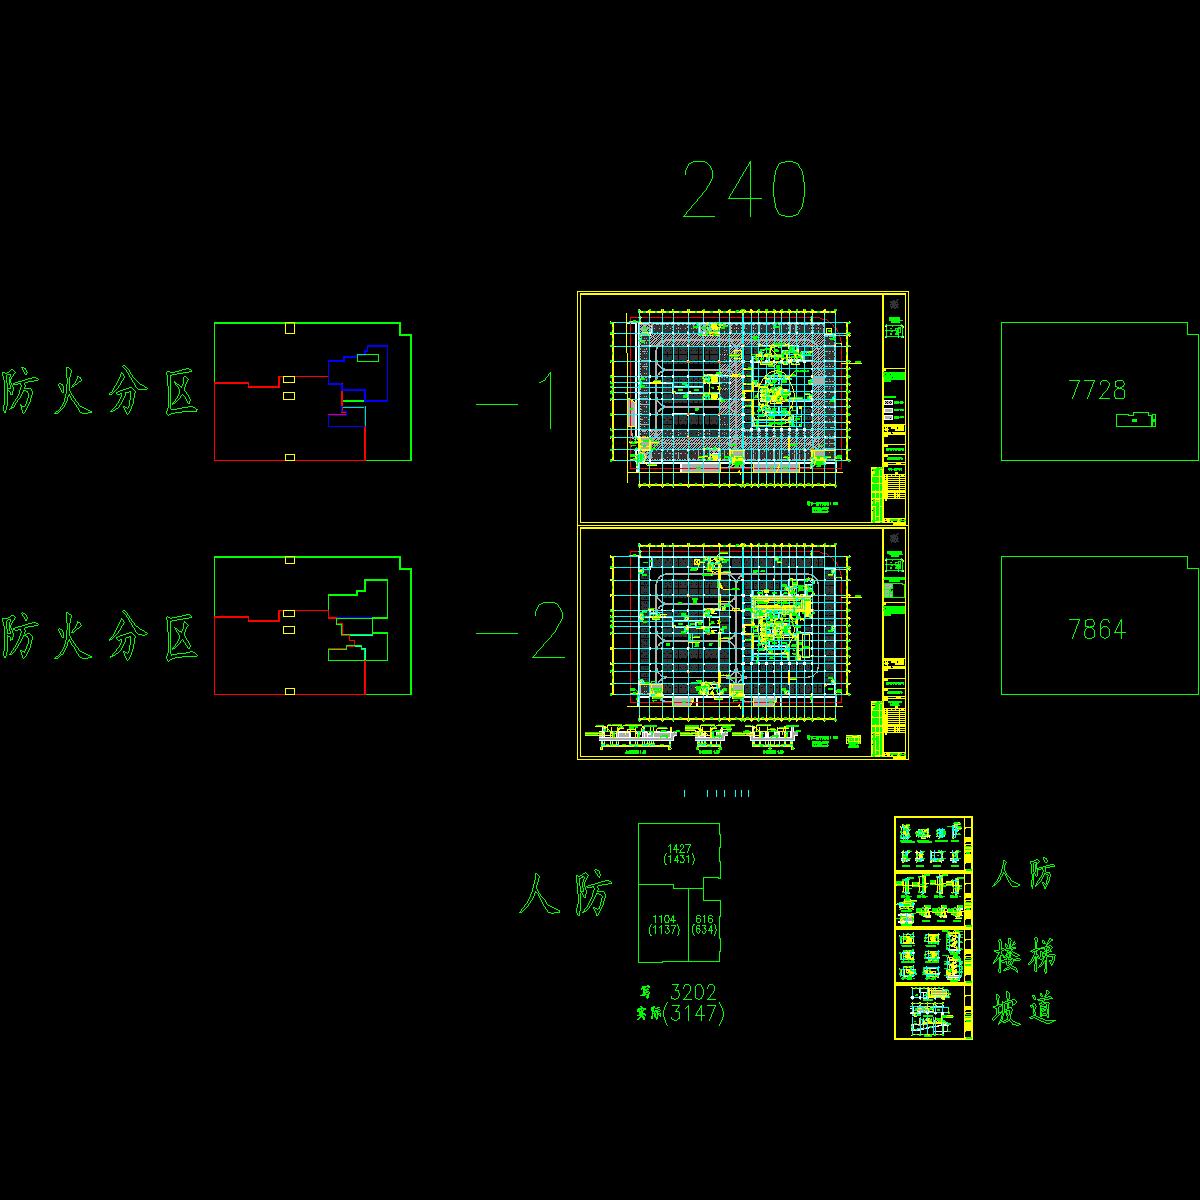 迪凯地下室(方立)061009.dwg